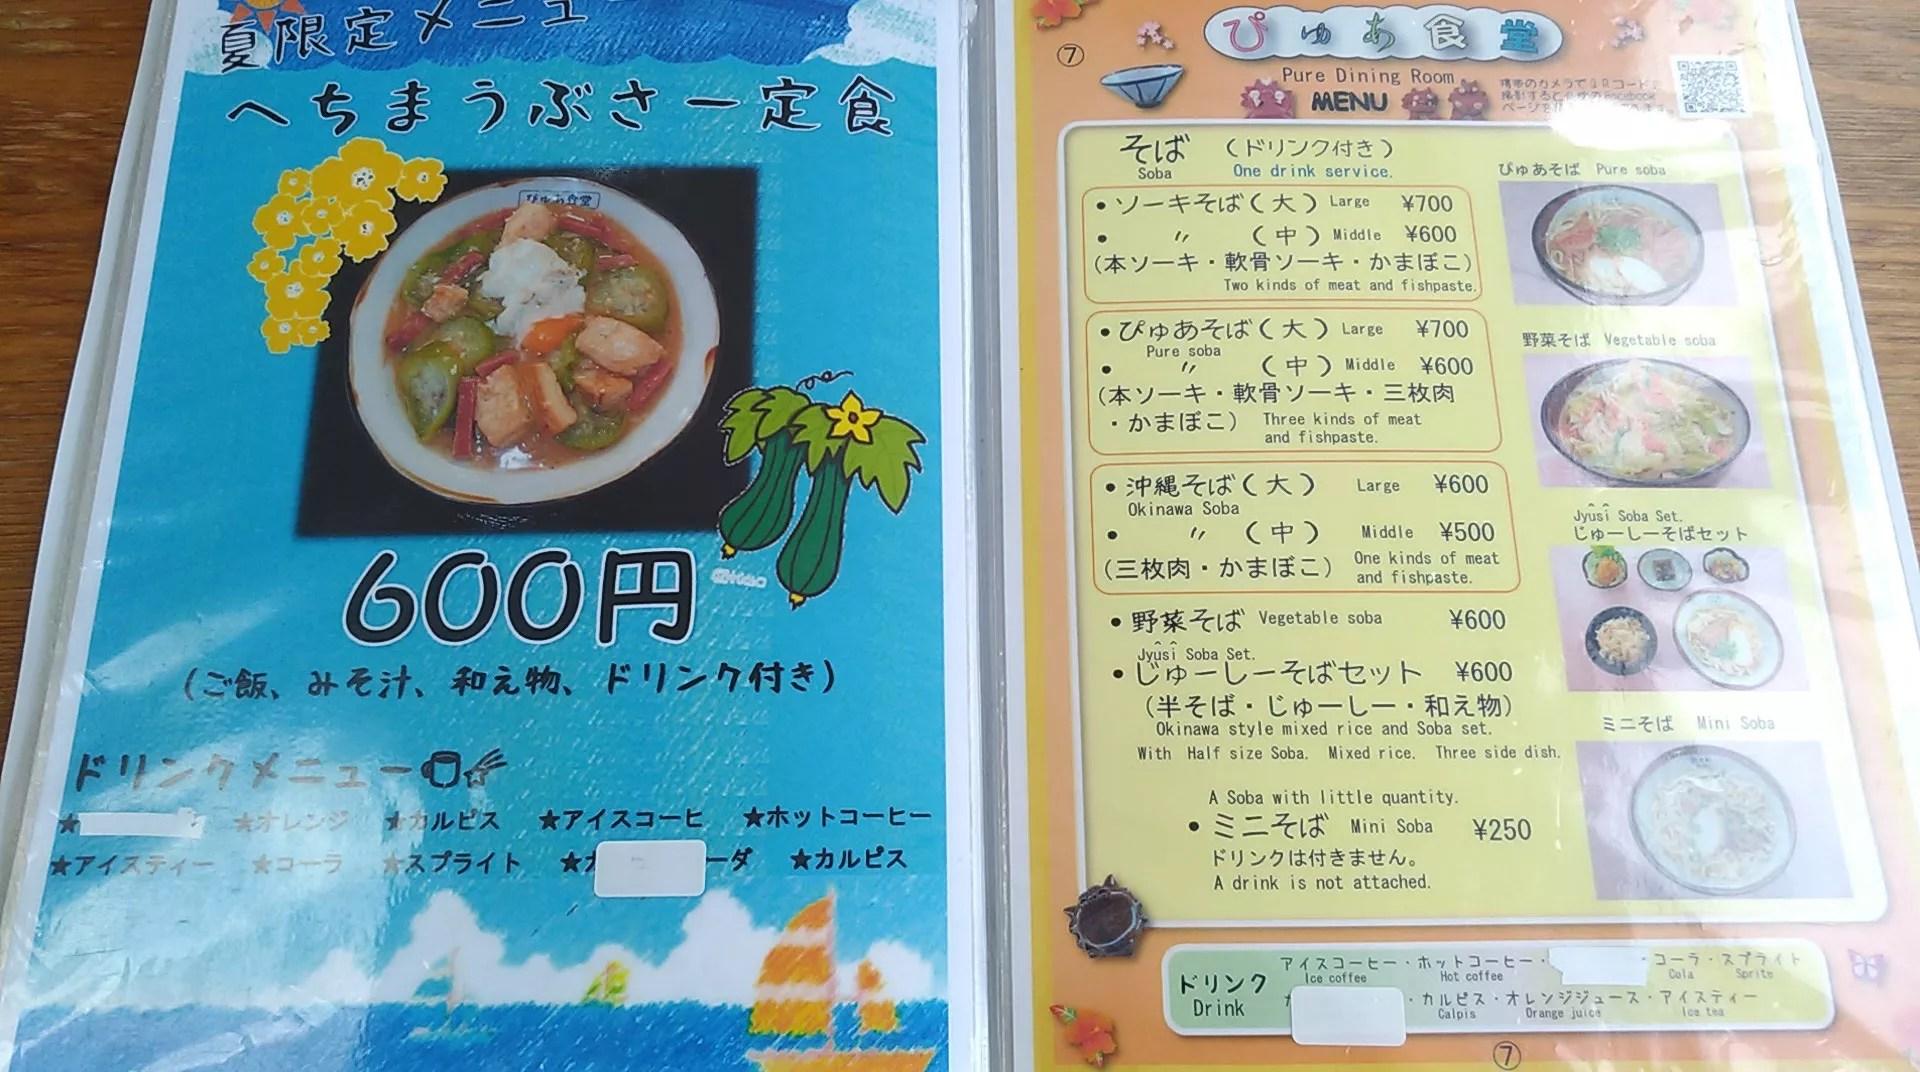 ぴゅあ食堂のメニュー 4